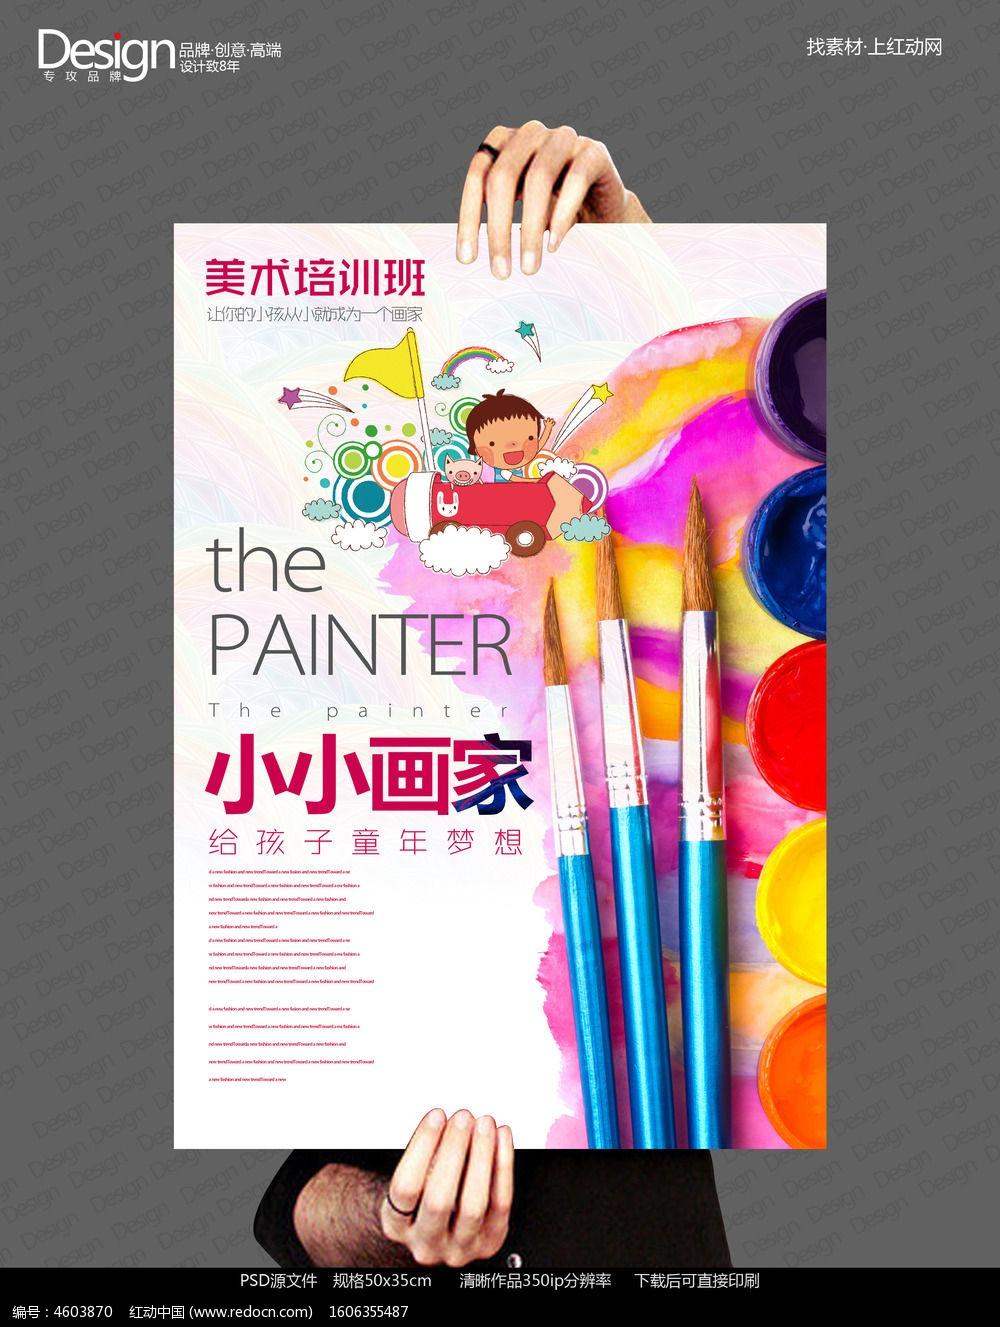 创意   儿童梦想  海报设计  卡通儿童  可爱  美术班招生  美术培训图片